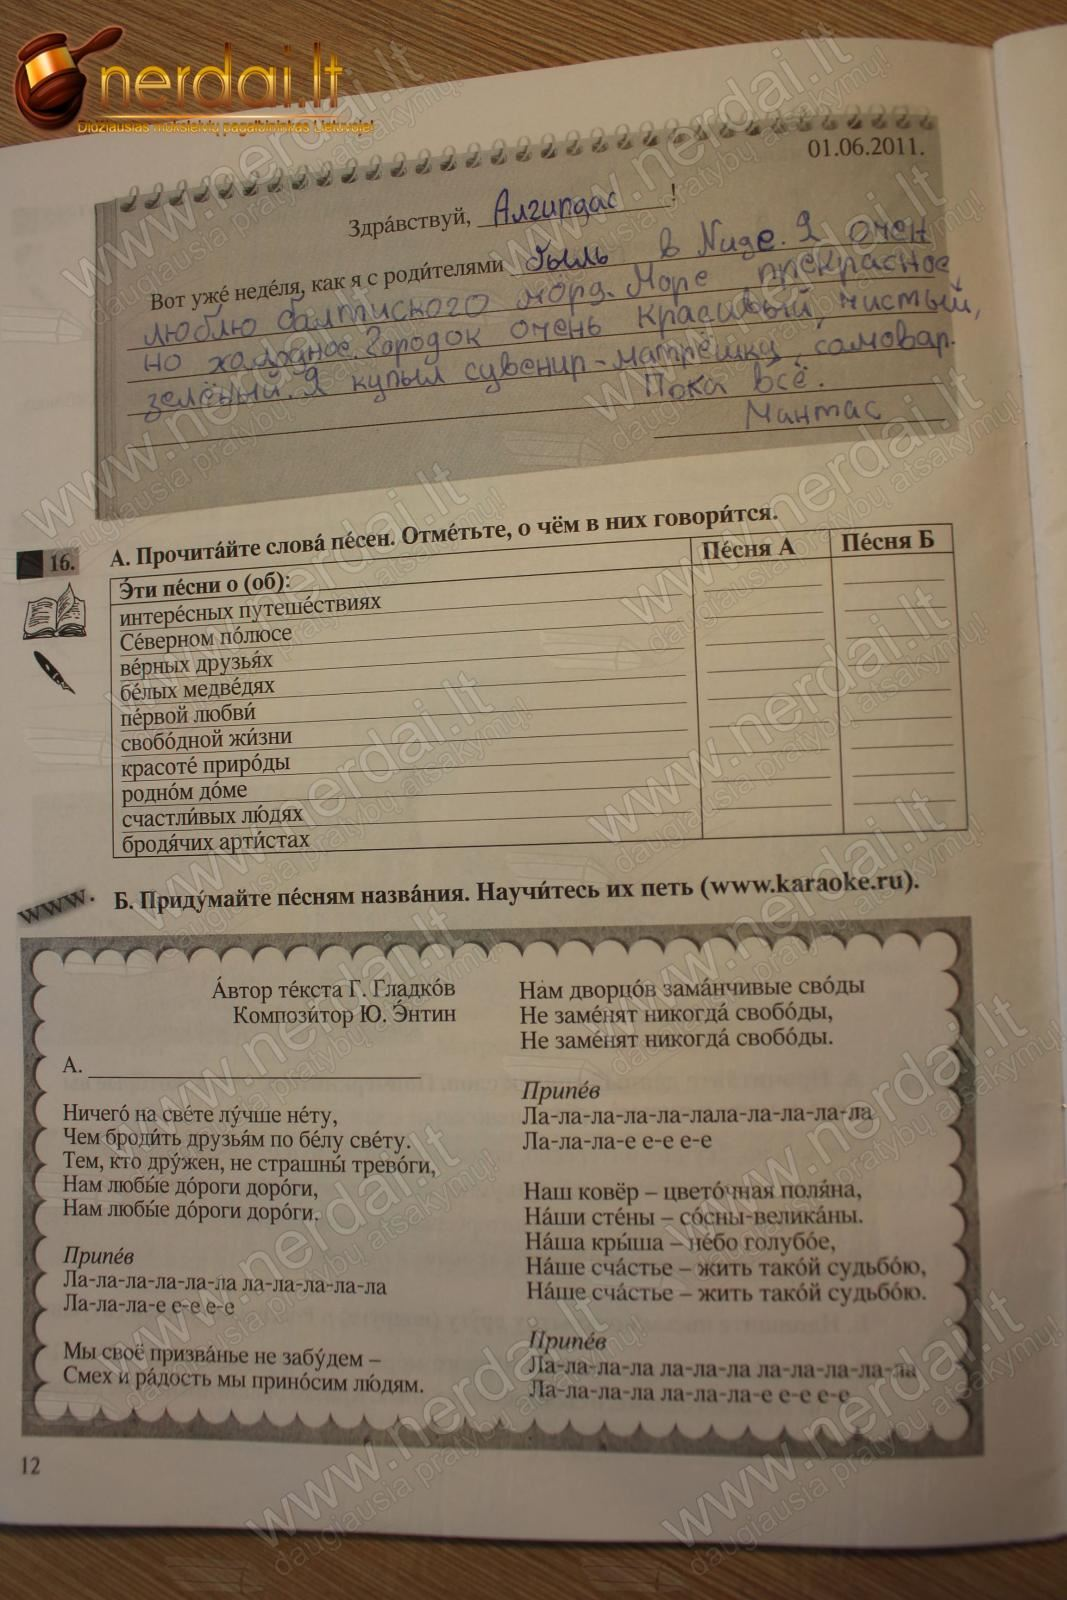 Rusų kalba ŠAG ZA ŠAGOM 4 NOVY